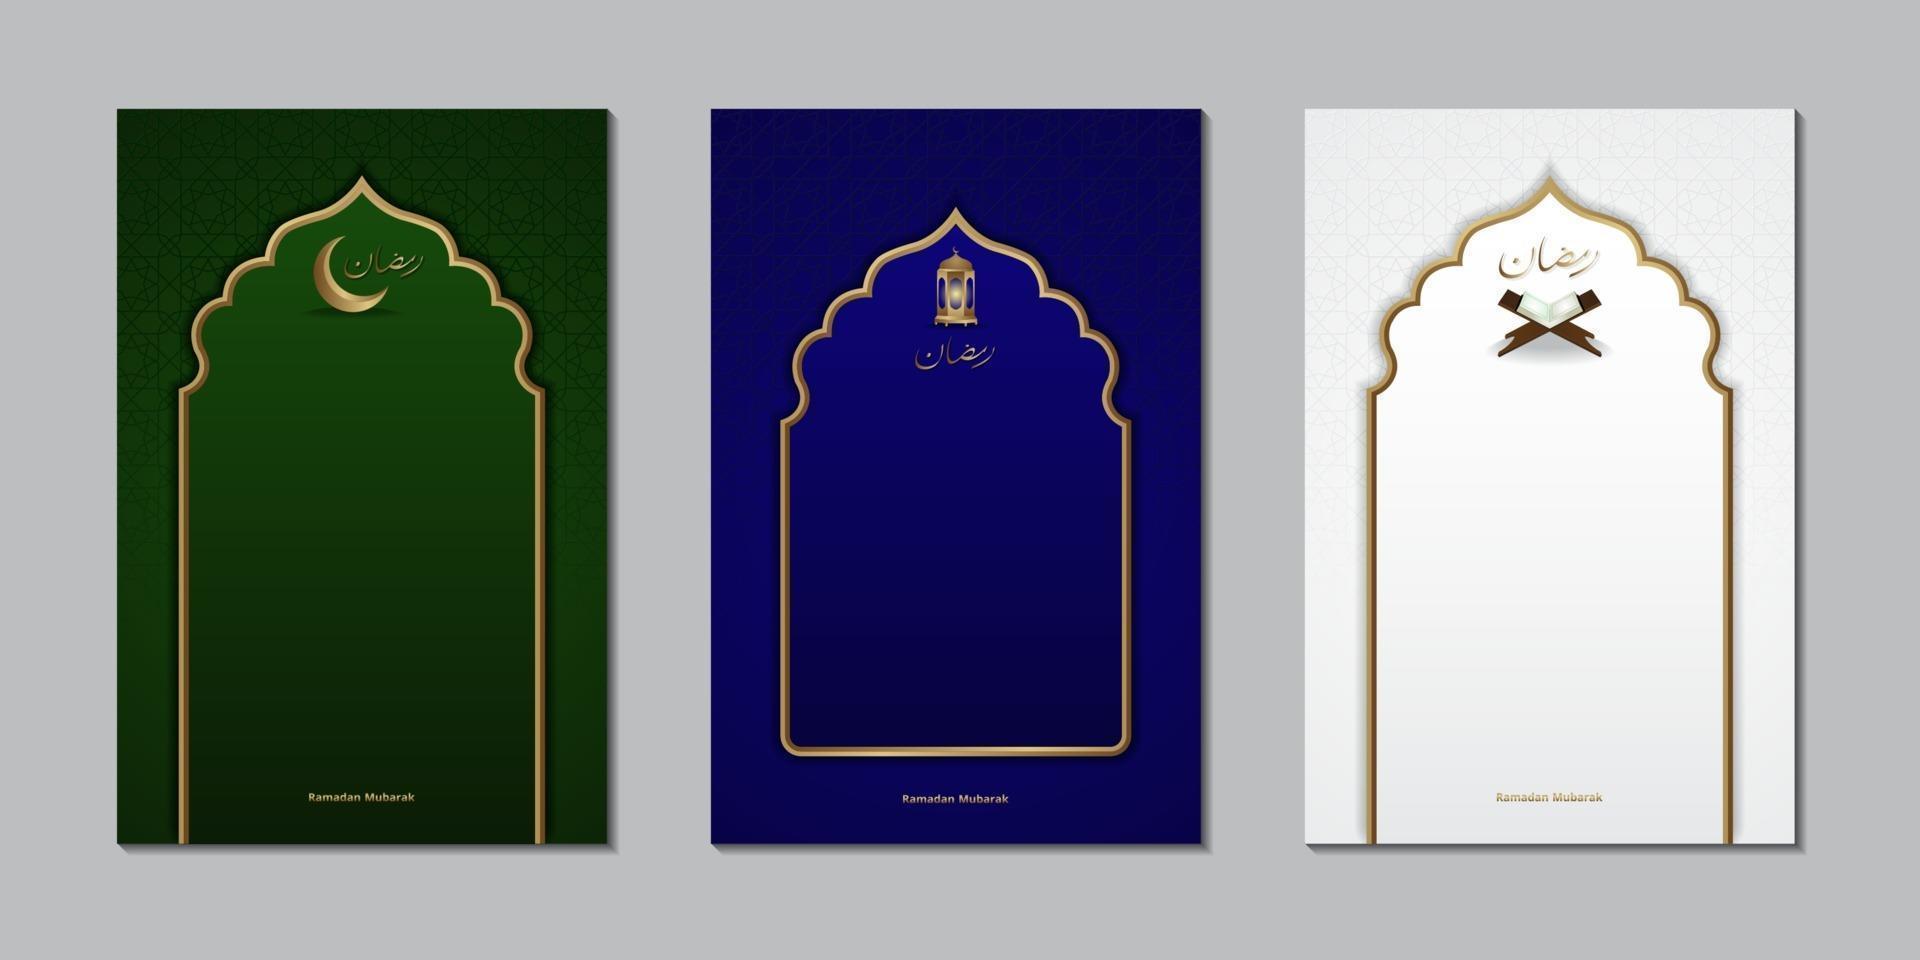 wenskaart voor ramadan festival met islamitische symbolen sjabloon vector